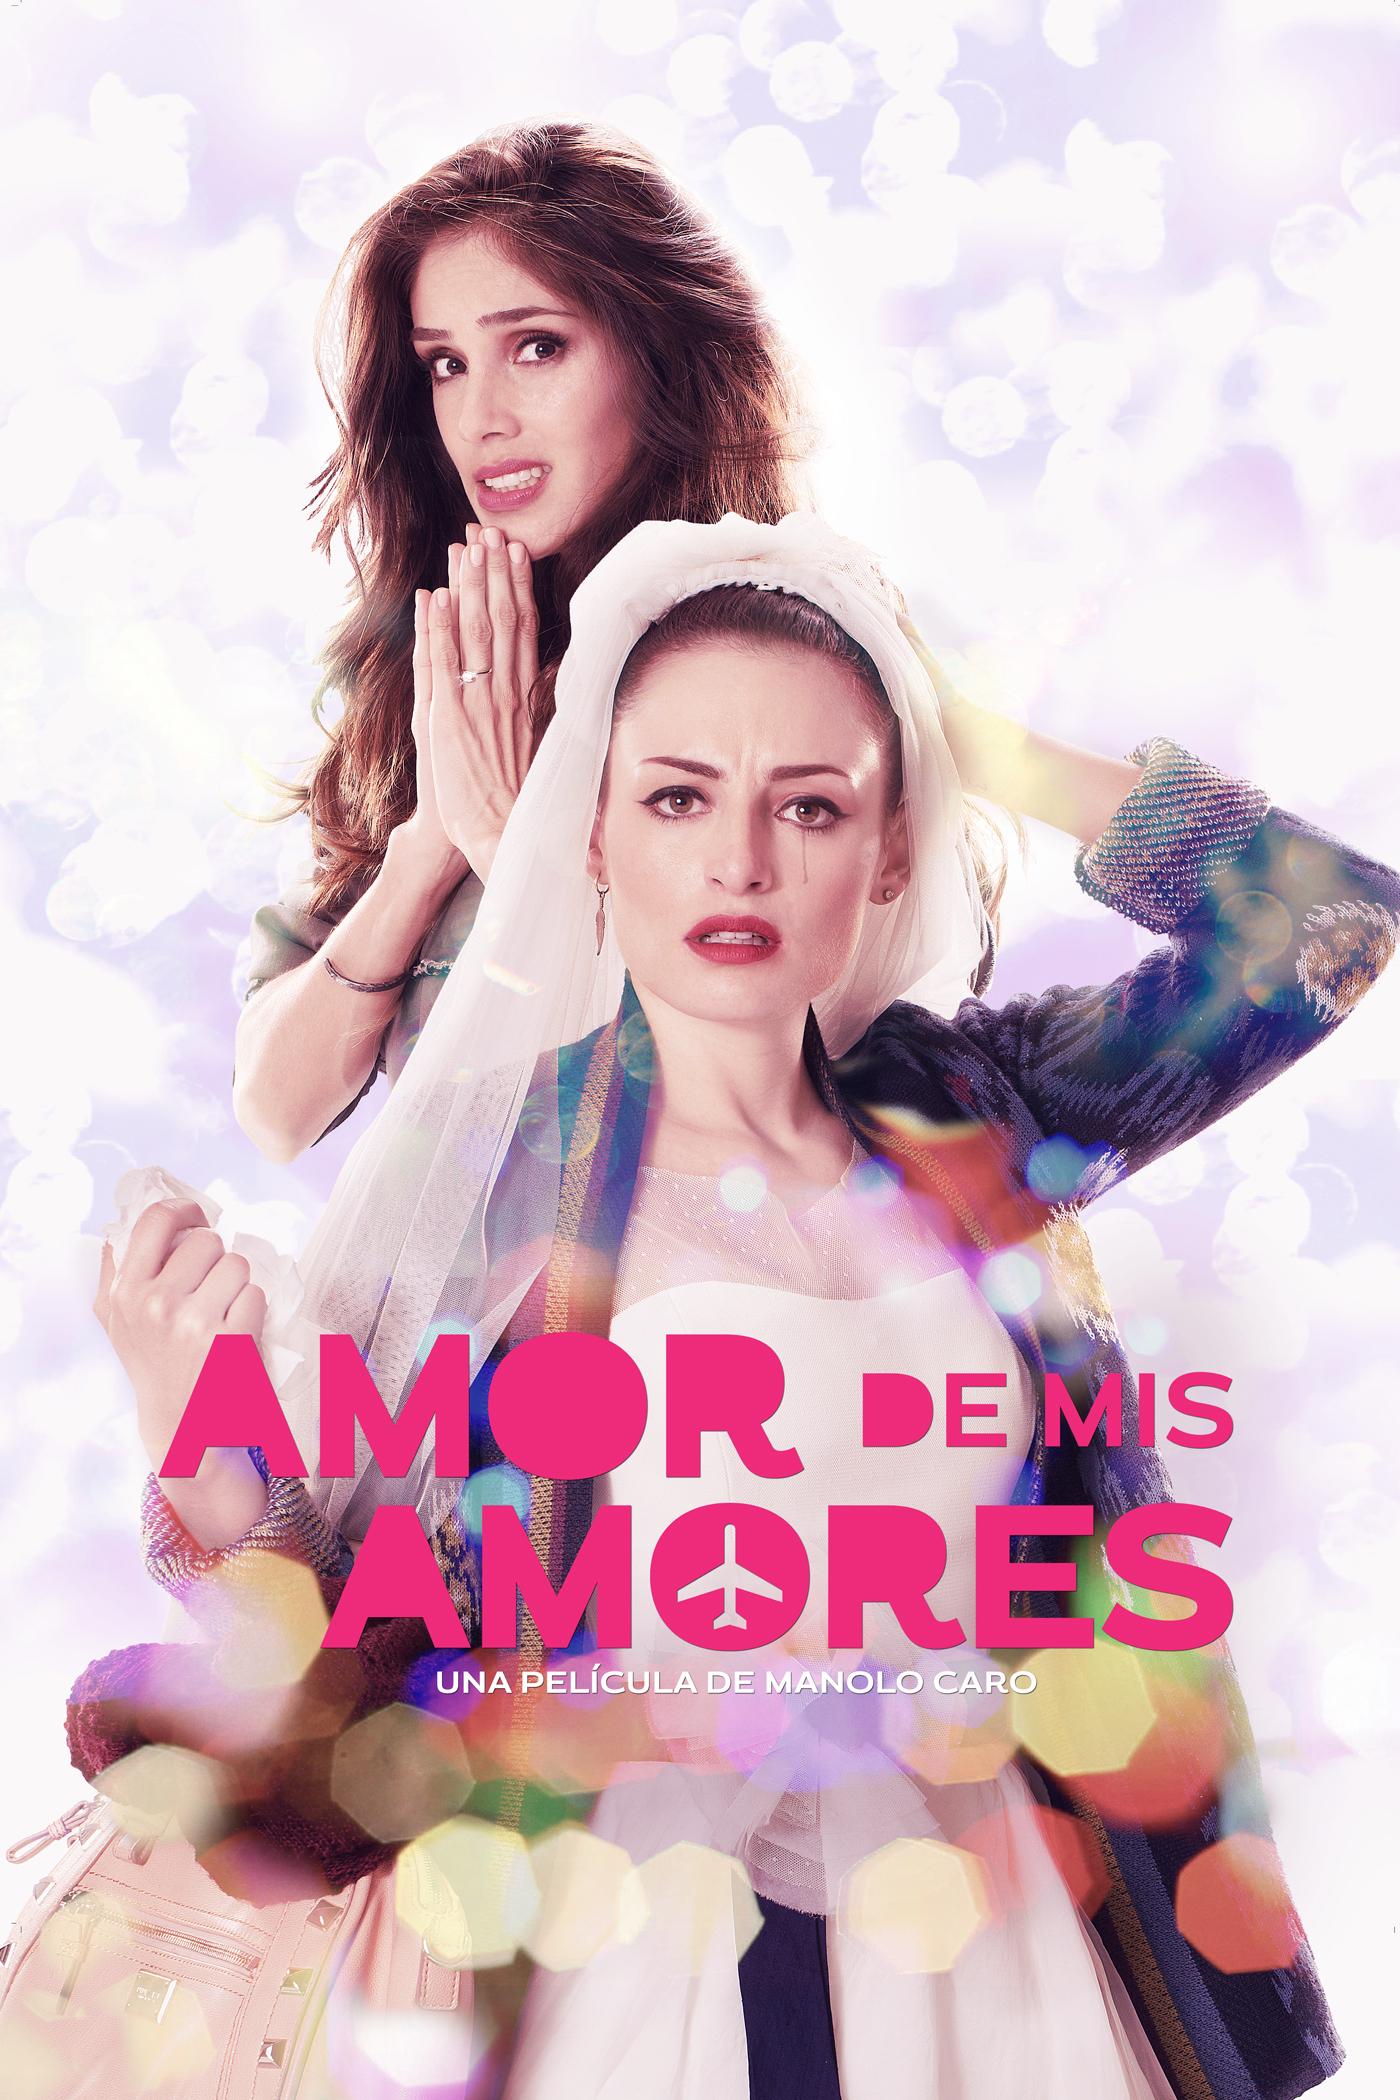 Amor de mis amores-Poster.jpg